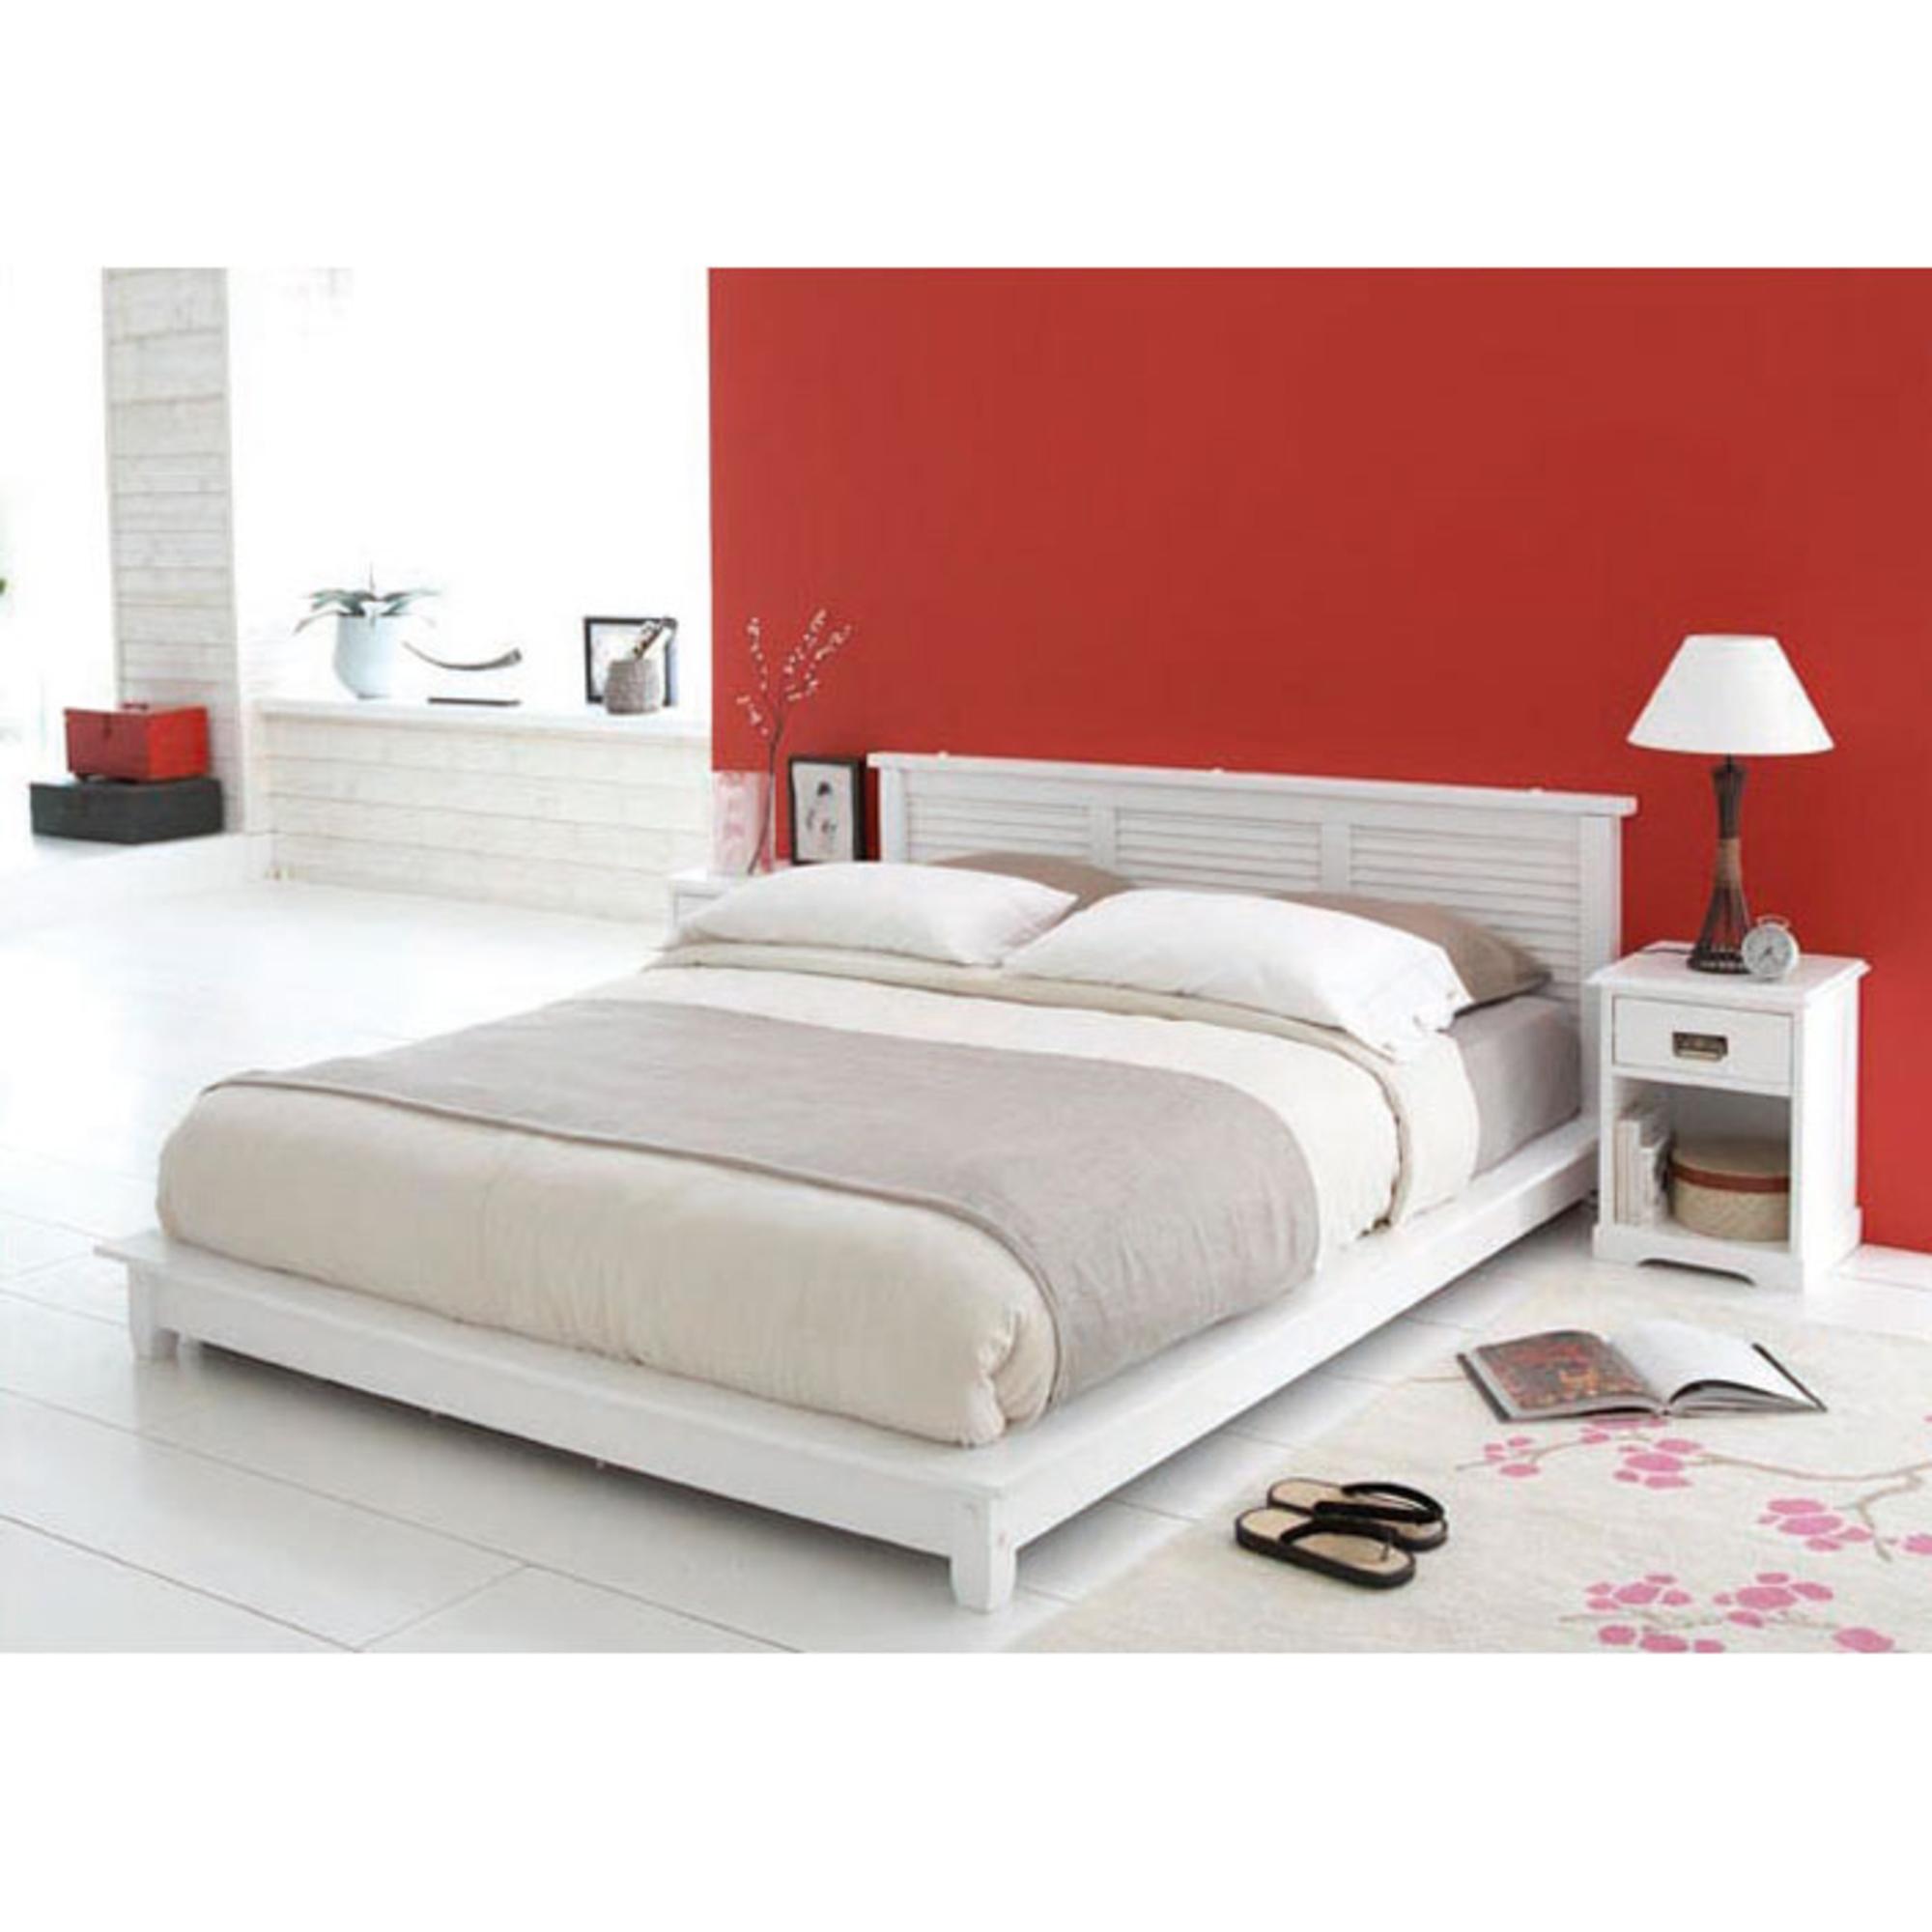 lit 160 x 200 cm plateforme maloom blanc anniversaire 40 ans acheter ce produit au. Black Bedroom Furniture Sets. Home Design Ideas